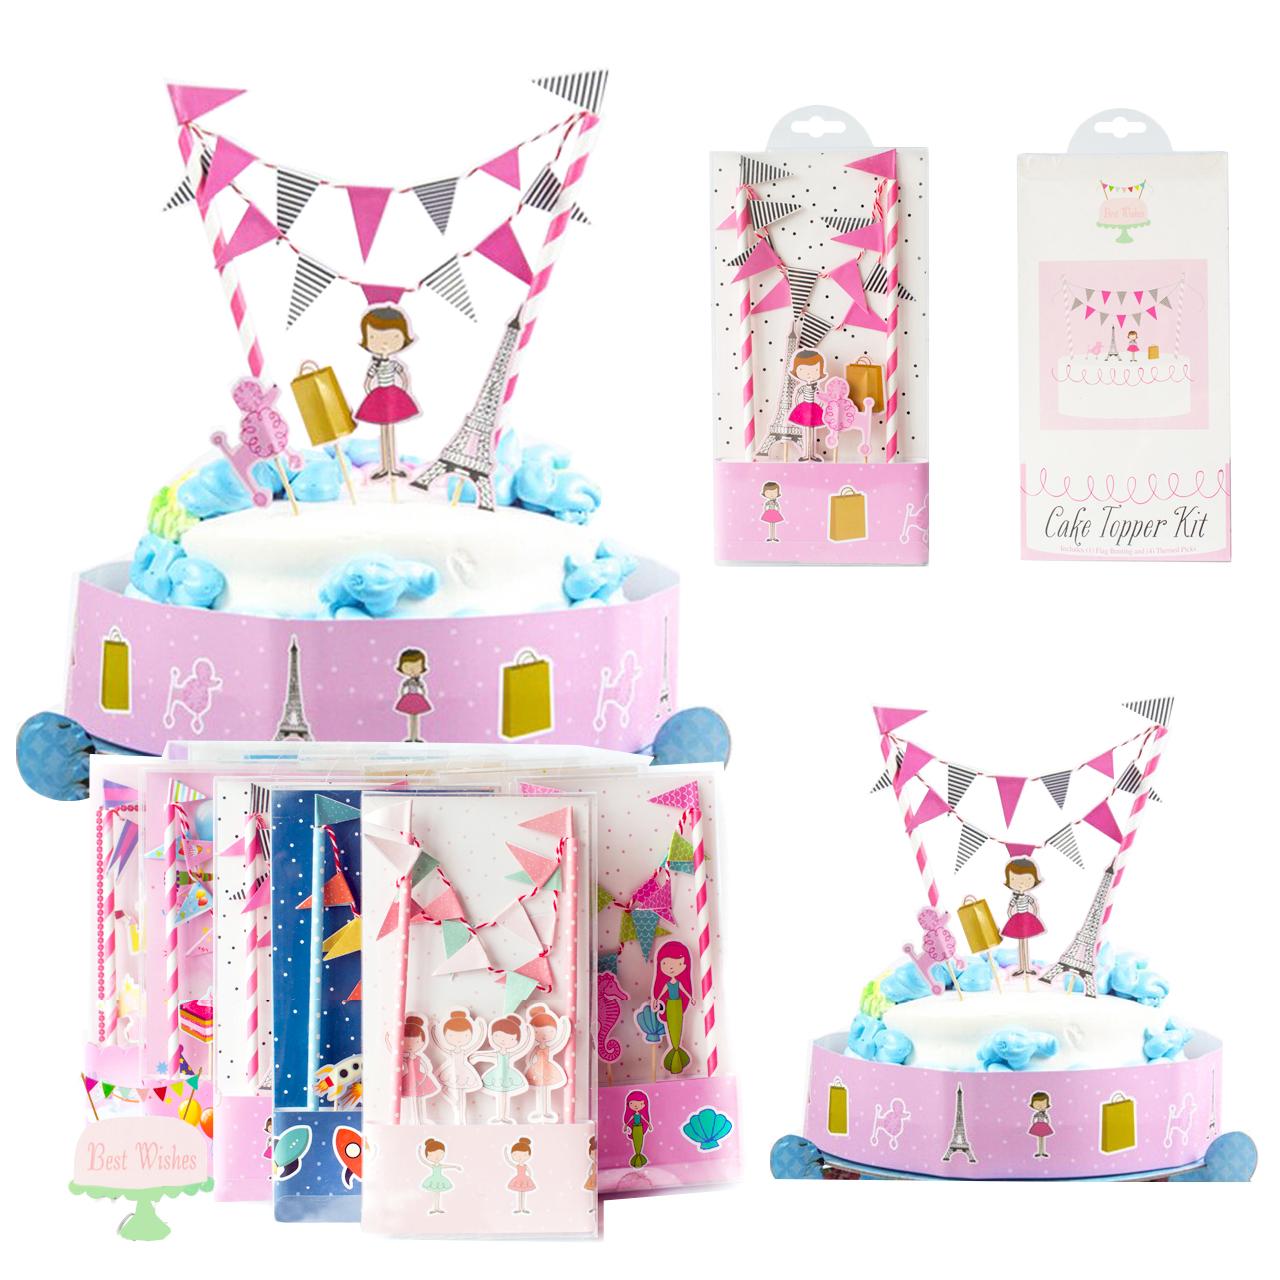 ชุดตกแต่งเค้ก แบบปัก รูป หอไอเฟลฝรั่งเศล (CAKE Topper Kit)